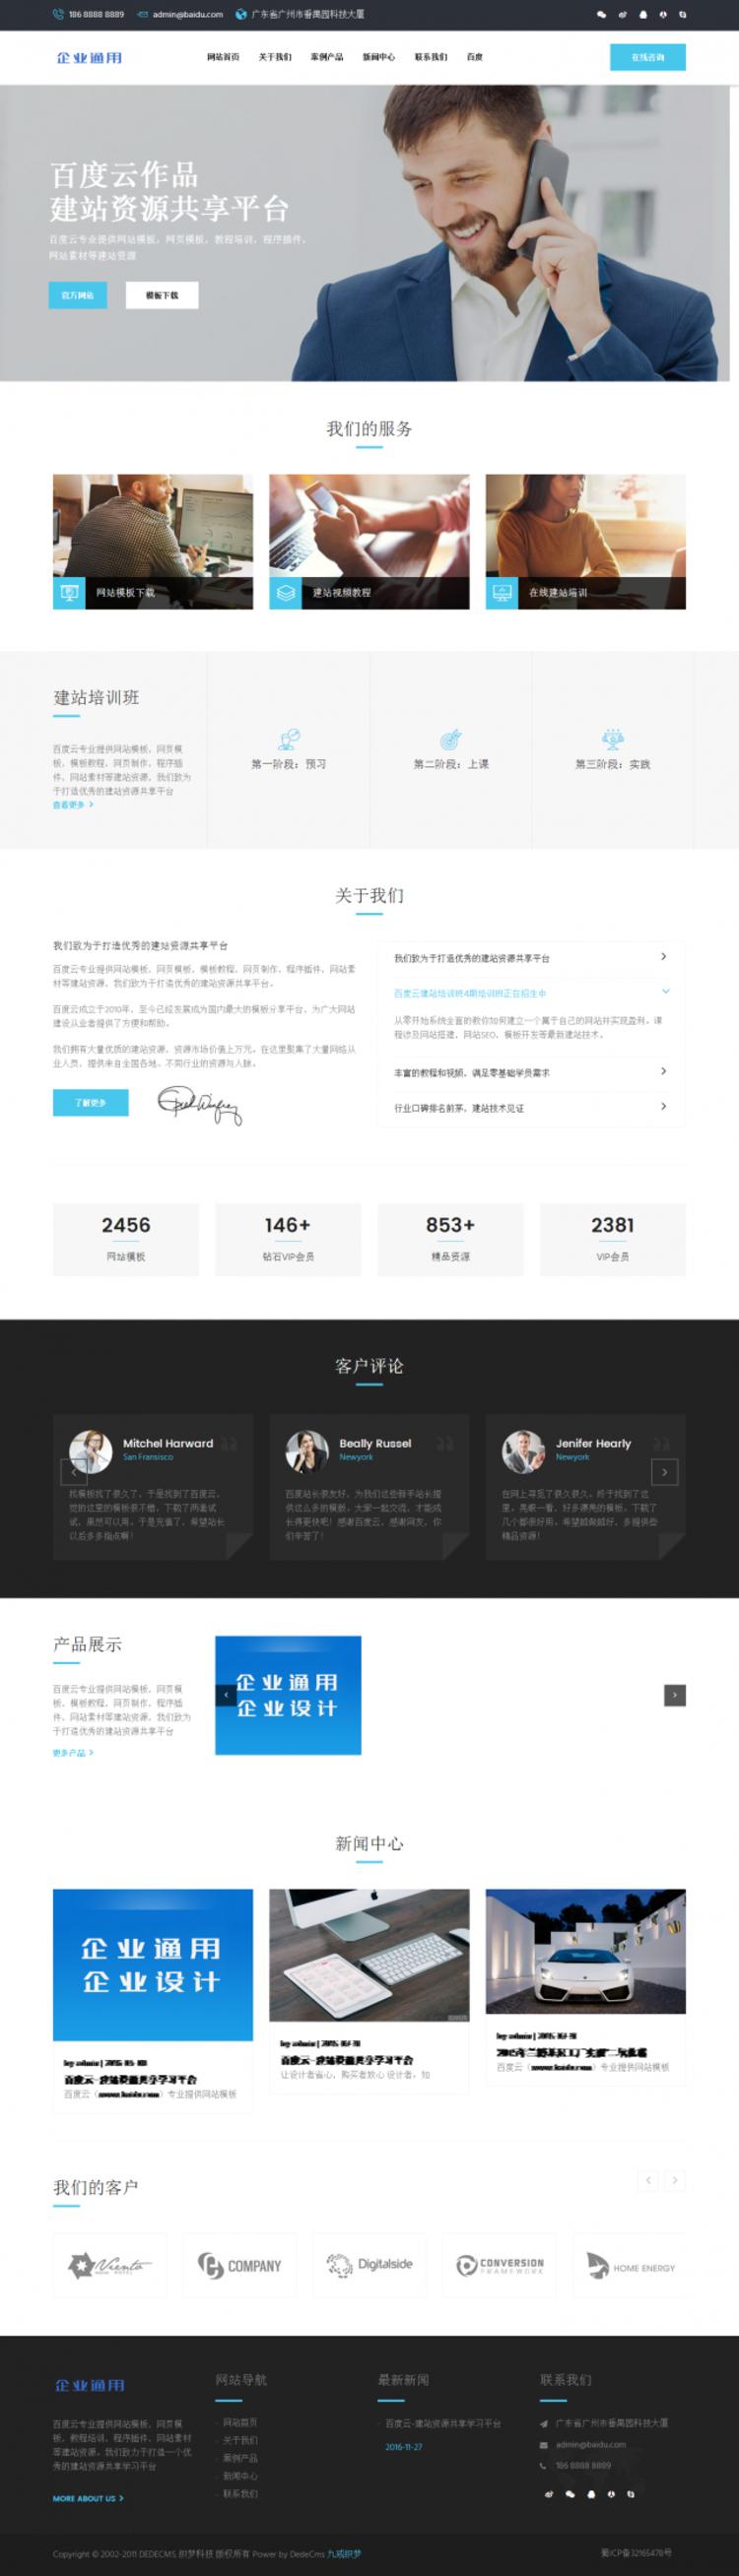 响应式蓝色高端商务公司企业dedecms整站源码(自适应手机端)电脑端演示